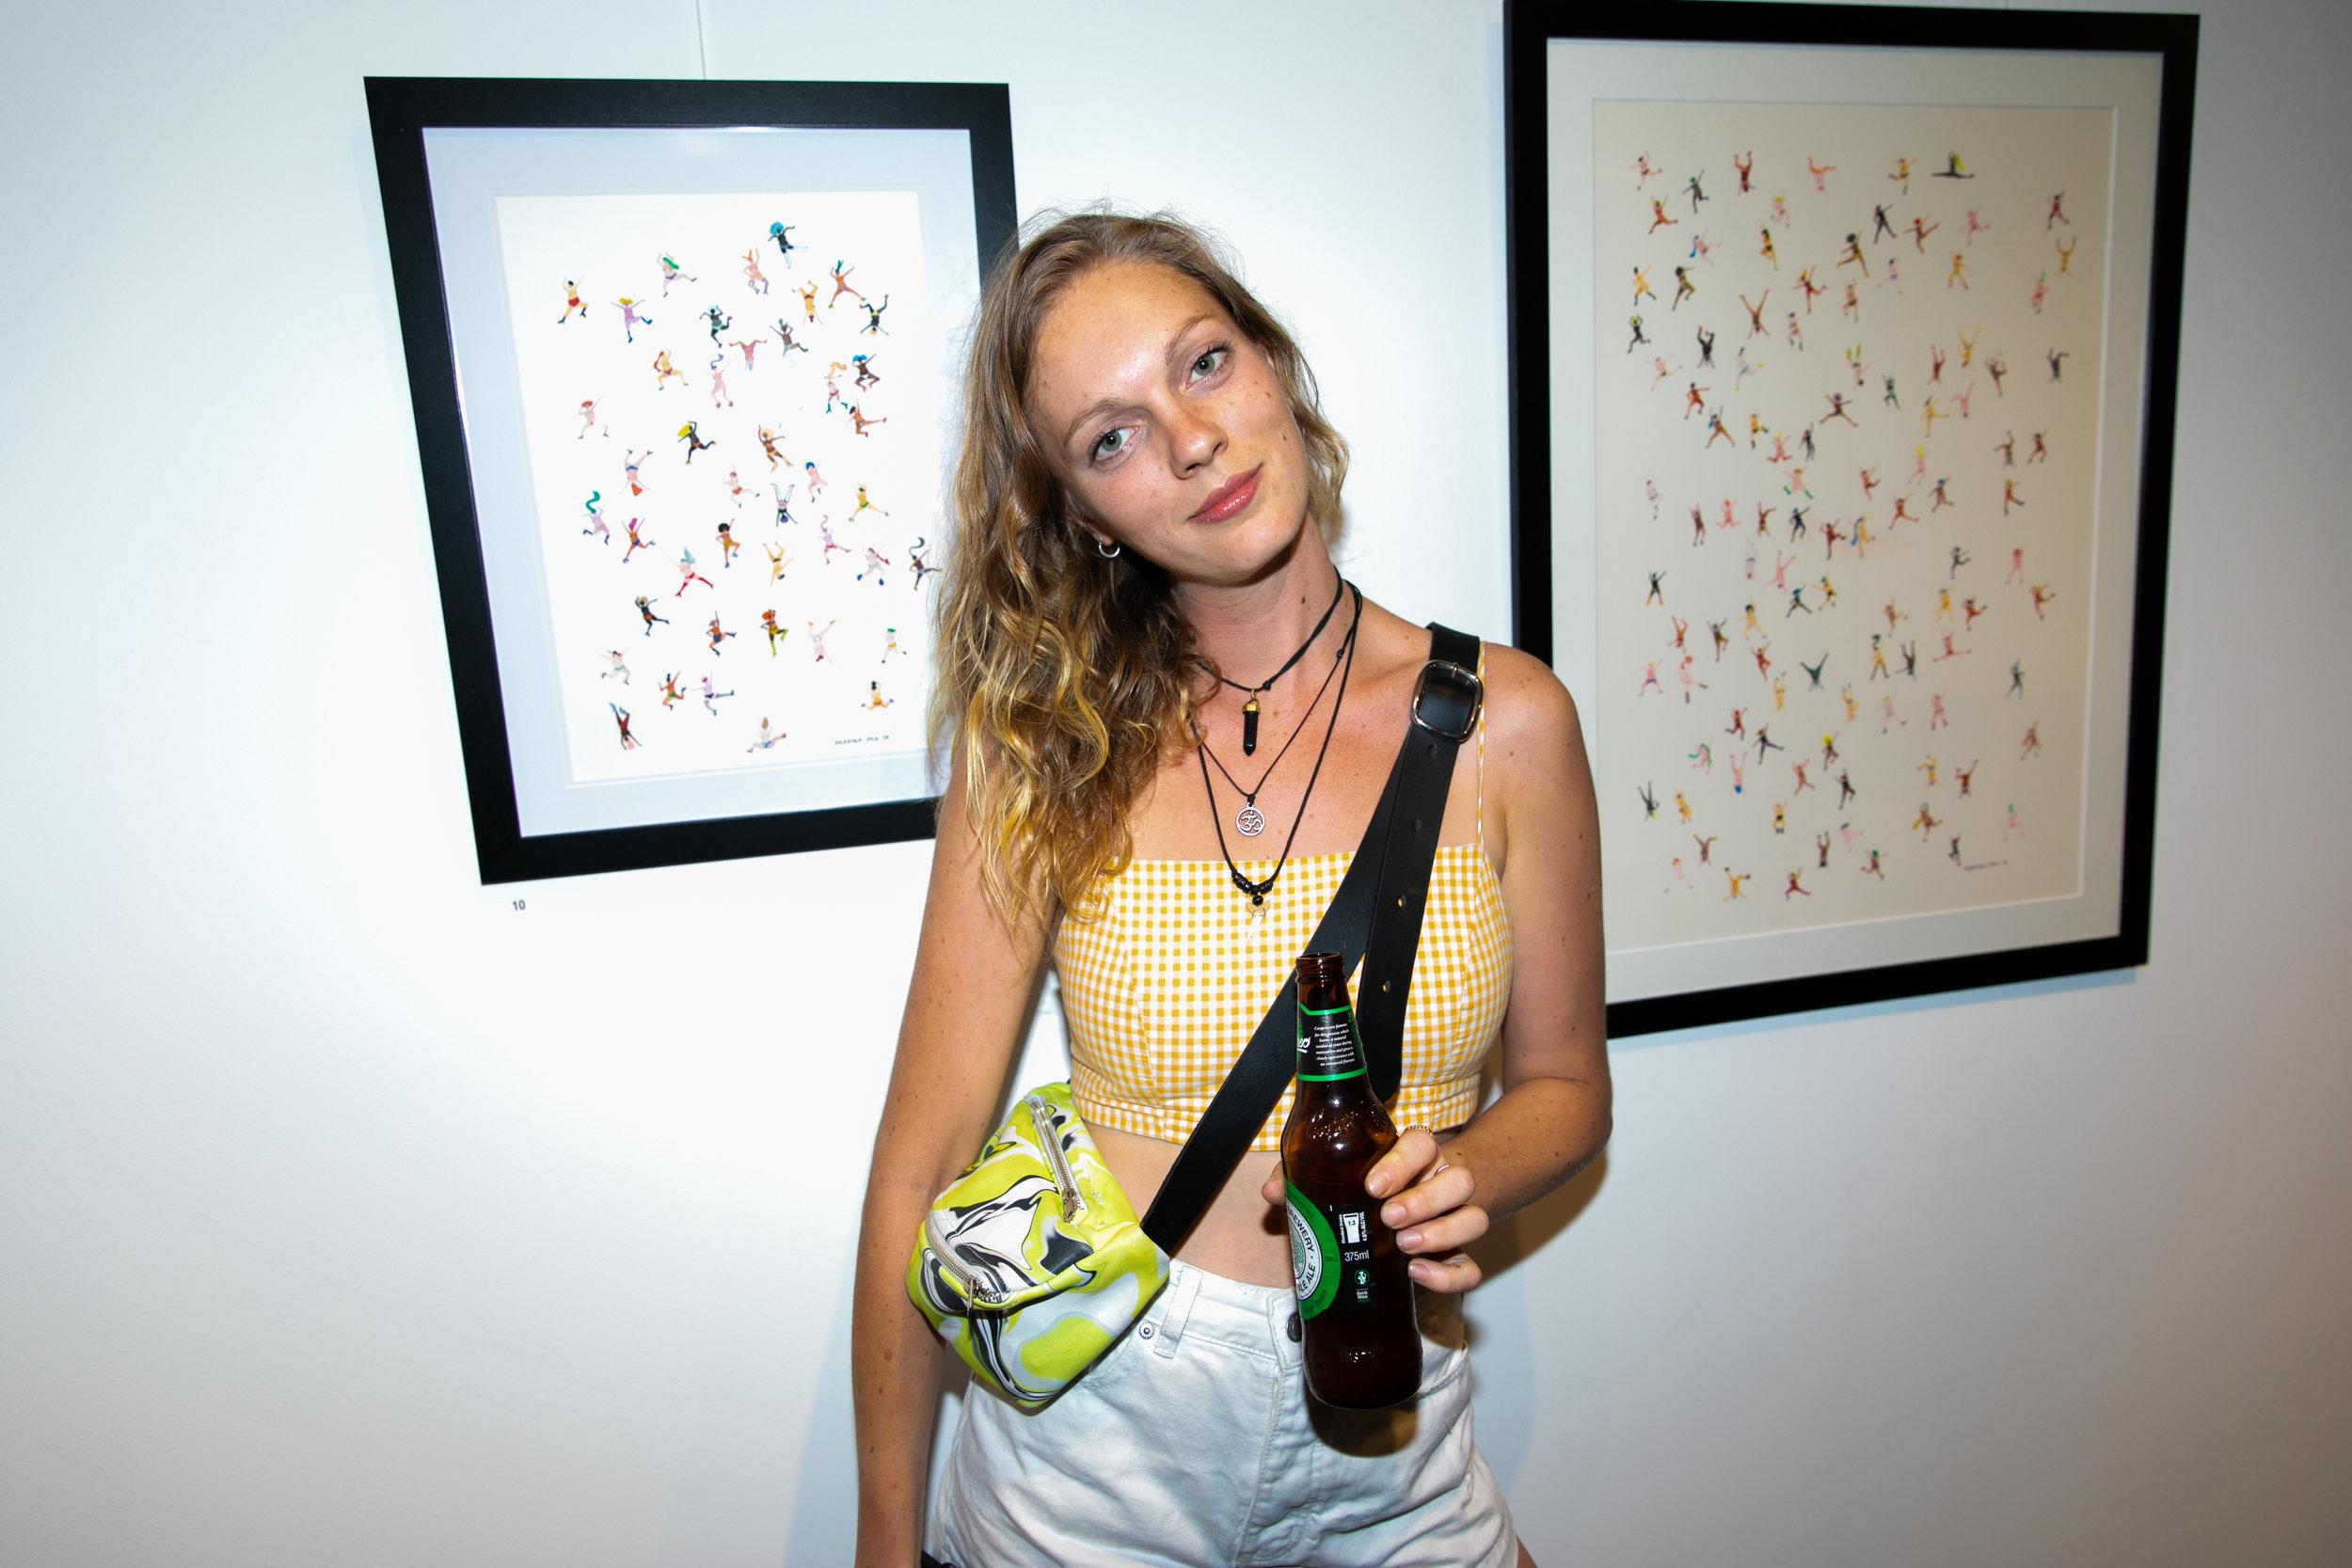 2019_Marisa_wedge_gallery (74 of 135).jpg